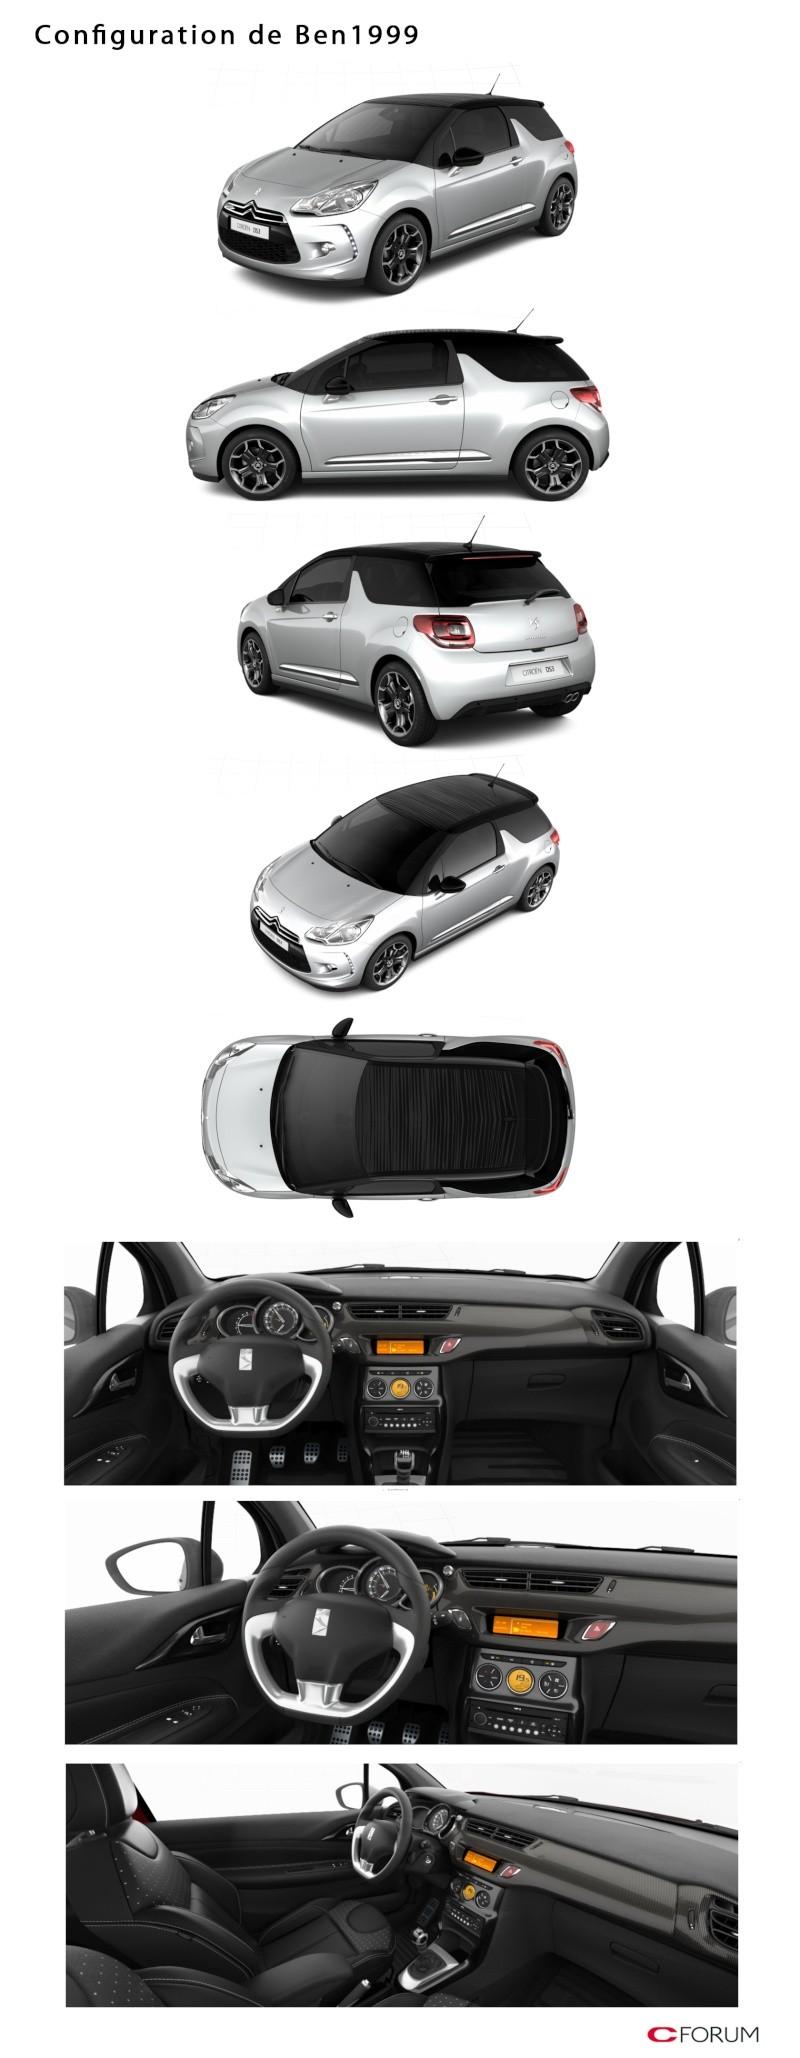 DS3 1.6 THP 155 Sport Chic / Gris Aluminium - toit Noir Onyx Config25